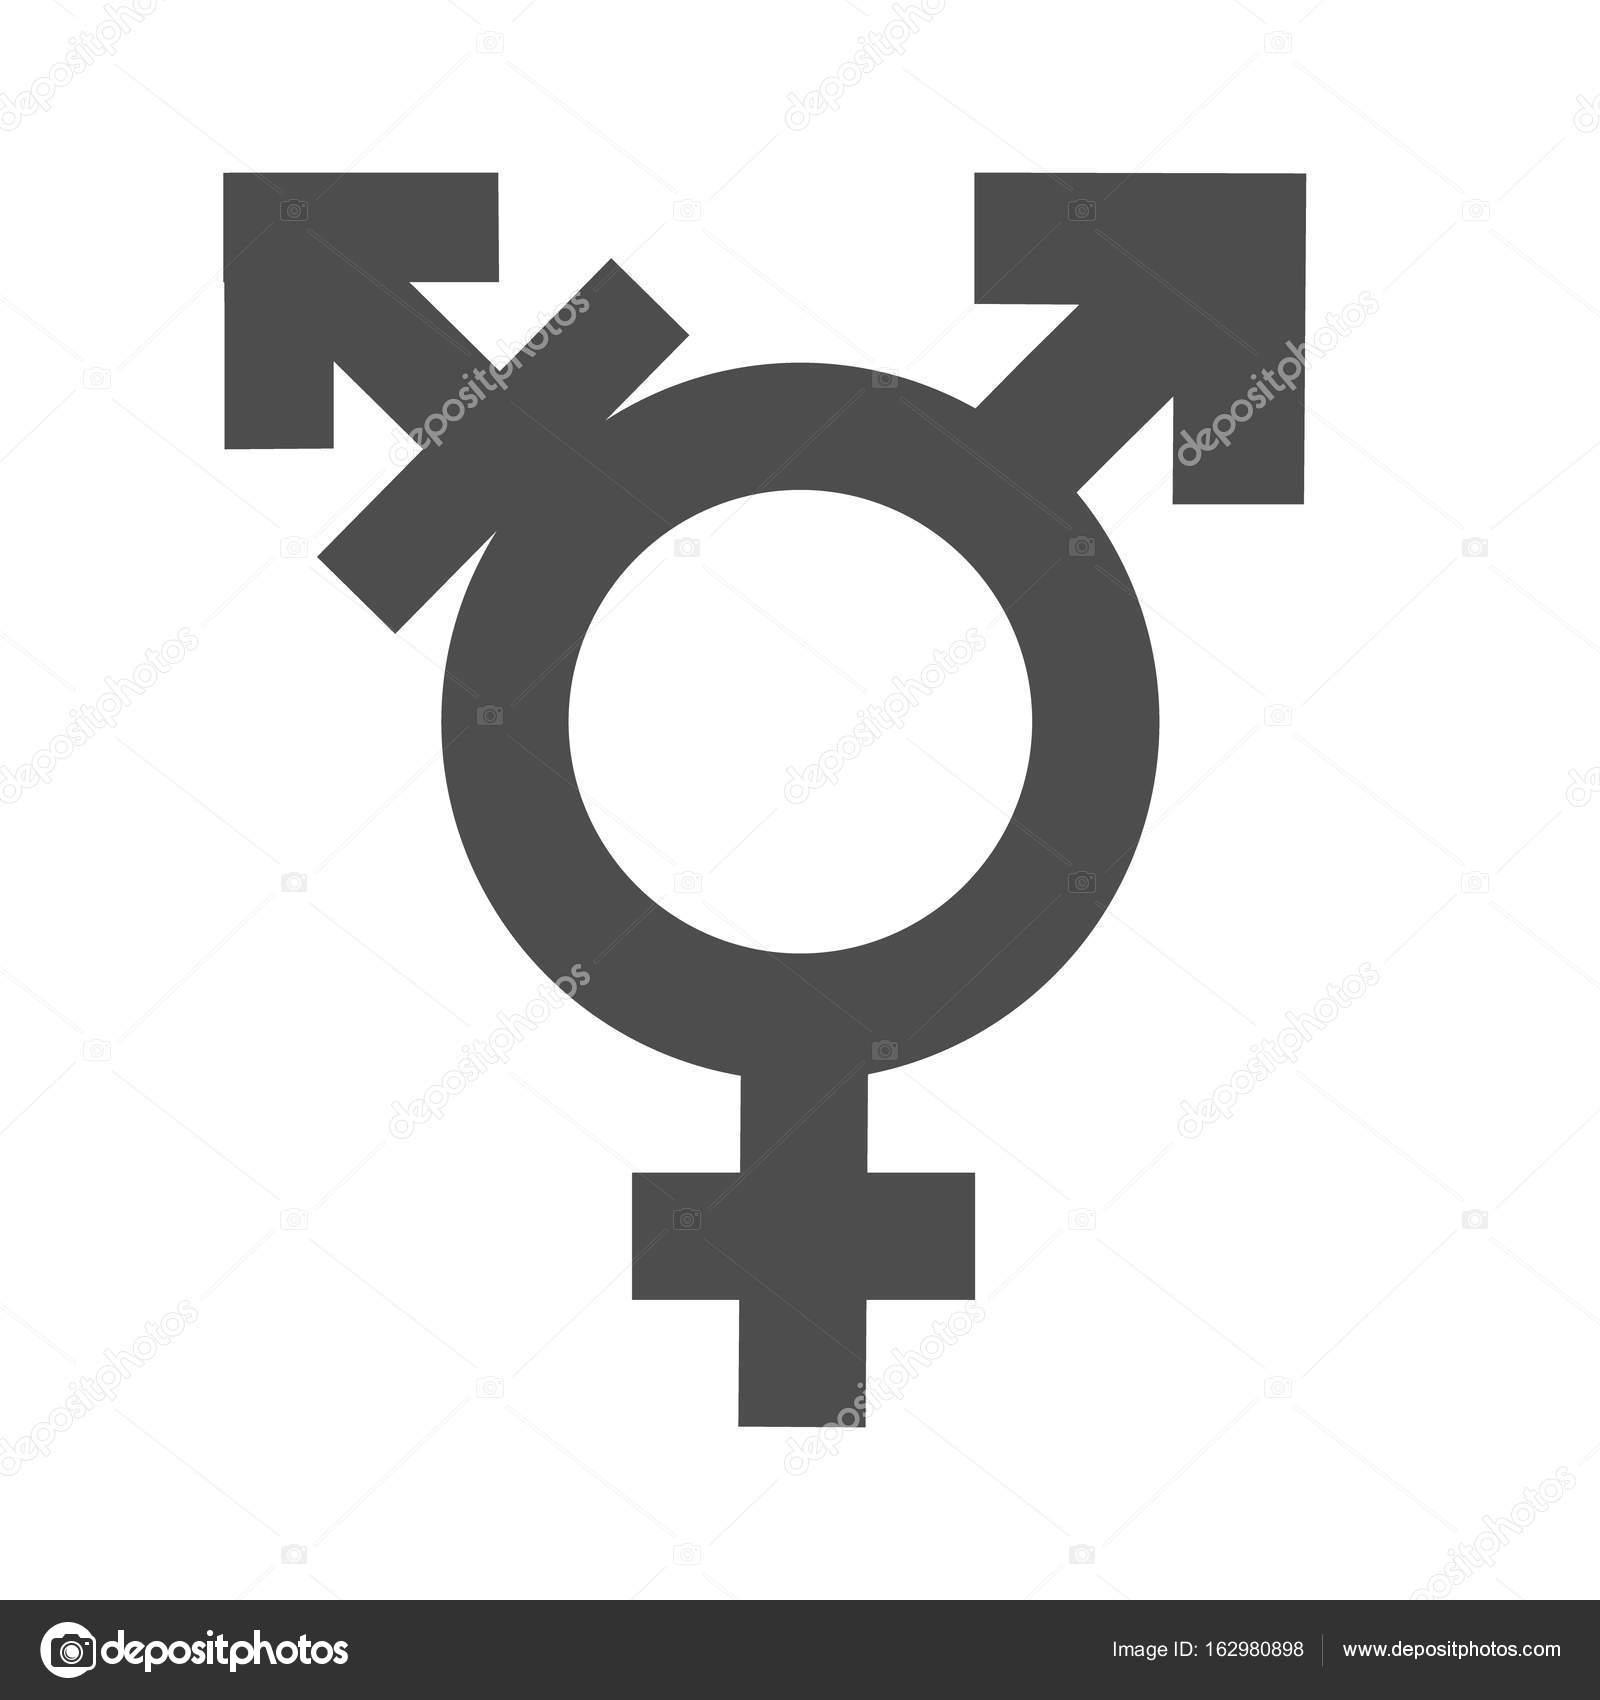 Simbolo De Igualdad Símbolo Icono Desigualdad E Igualdad De Género